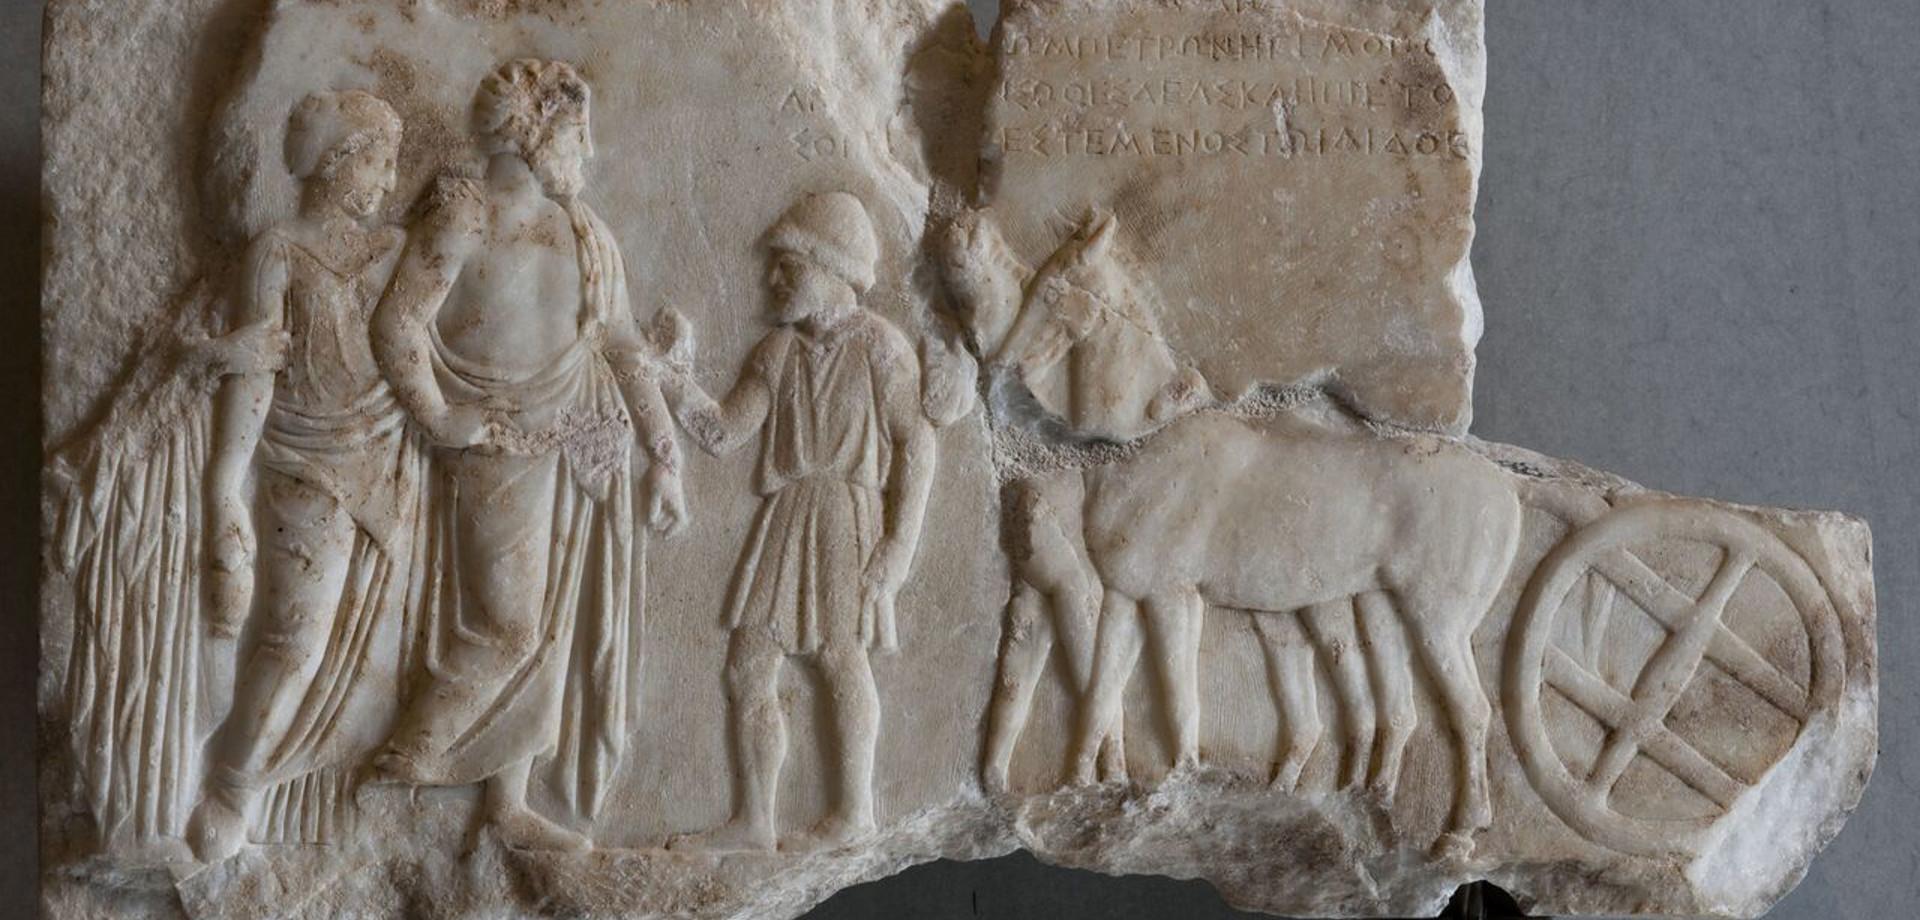 Ένας Κόσμος Συναισθημάτων: Αρχαία Ελλάδα, 700 π.Χ. – 200 μ.Χ.